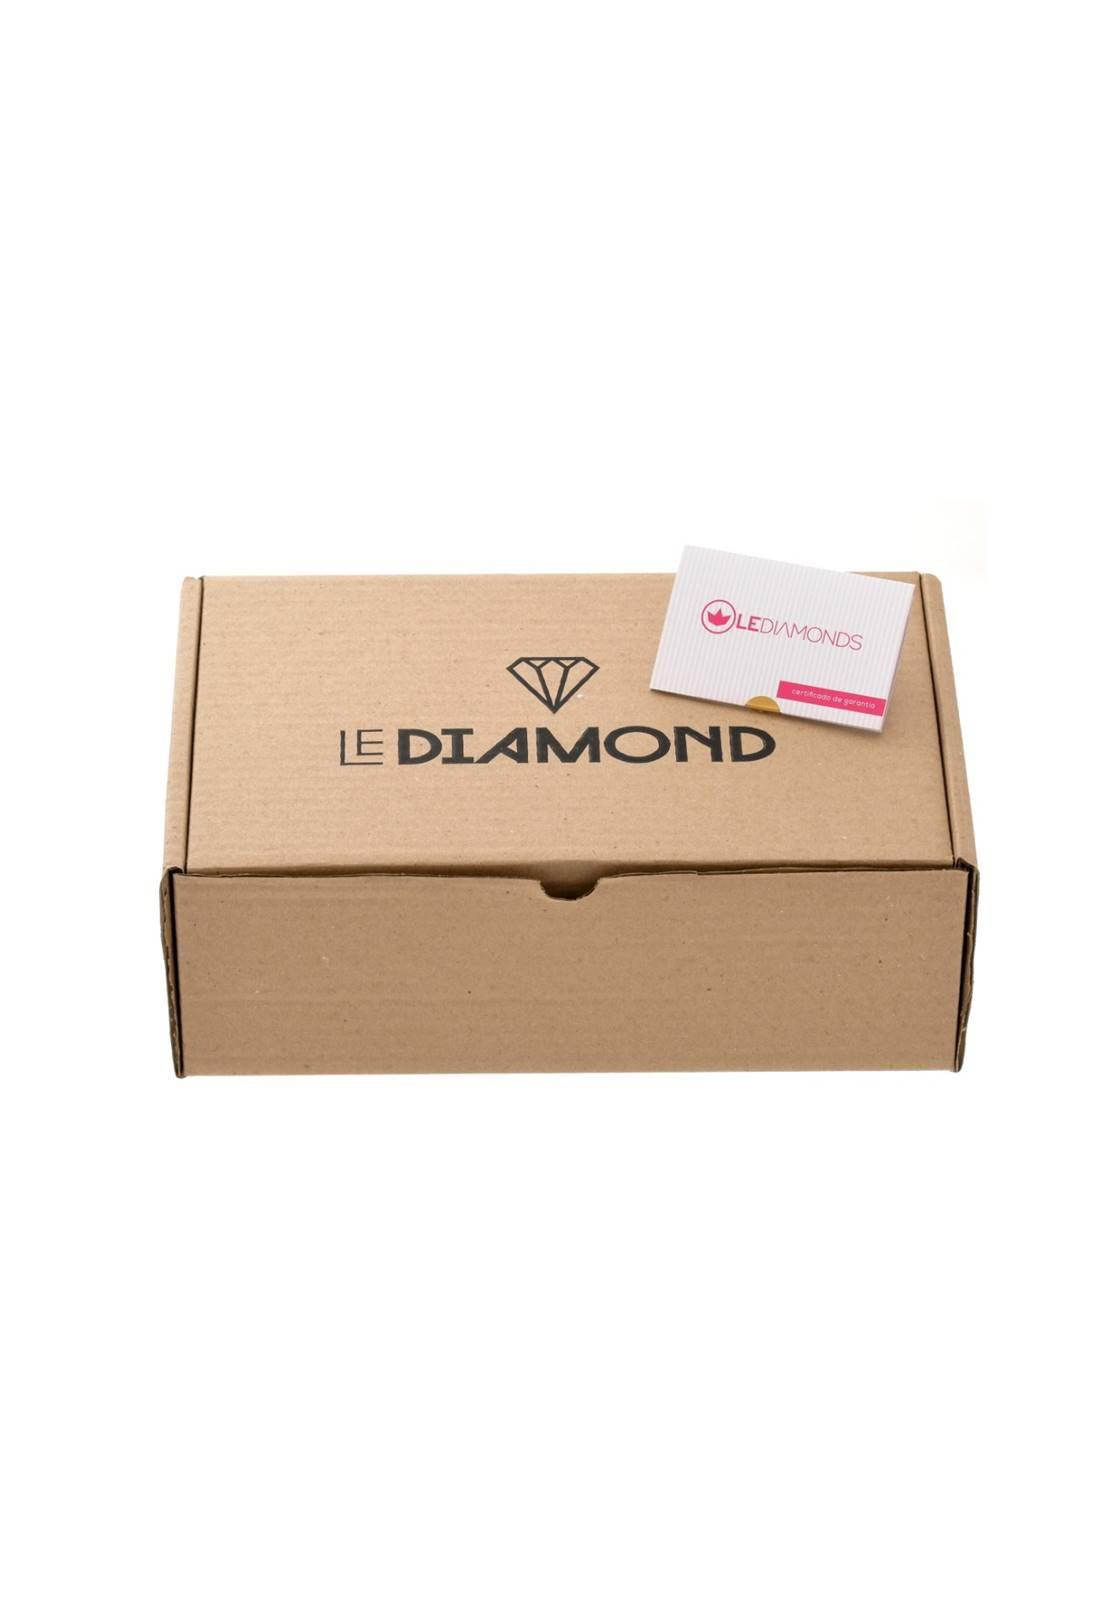 Brinco Le Diamond Argola De Tecido Off White